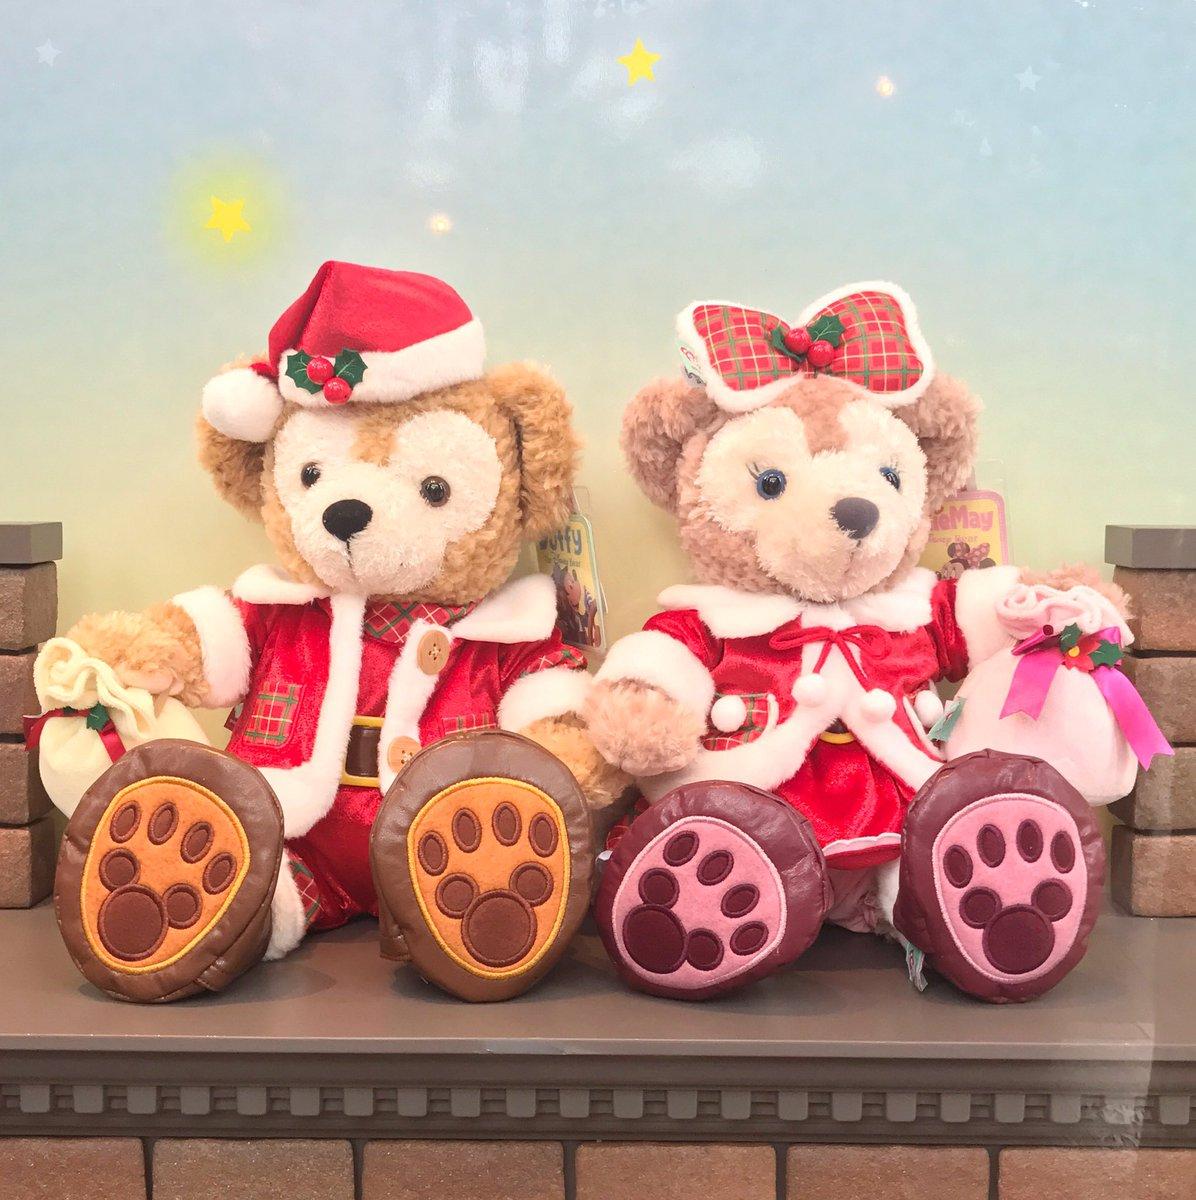 ダッフィーのクリスマスグッズ本日発売! 今年はサンタコスチューム風☆ dlove.jp/mezzomiki/cate…